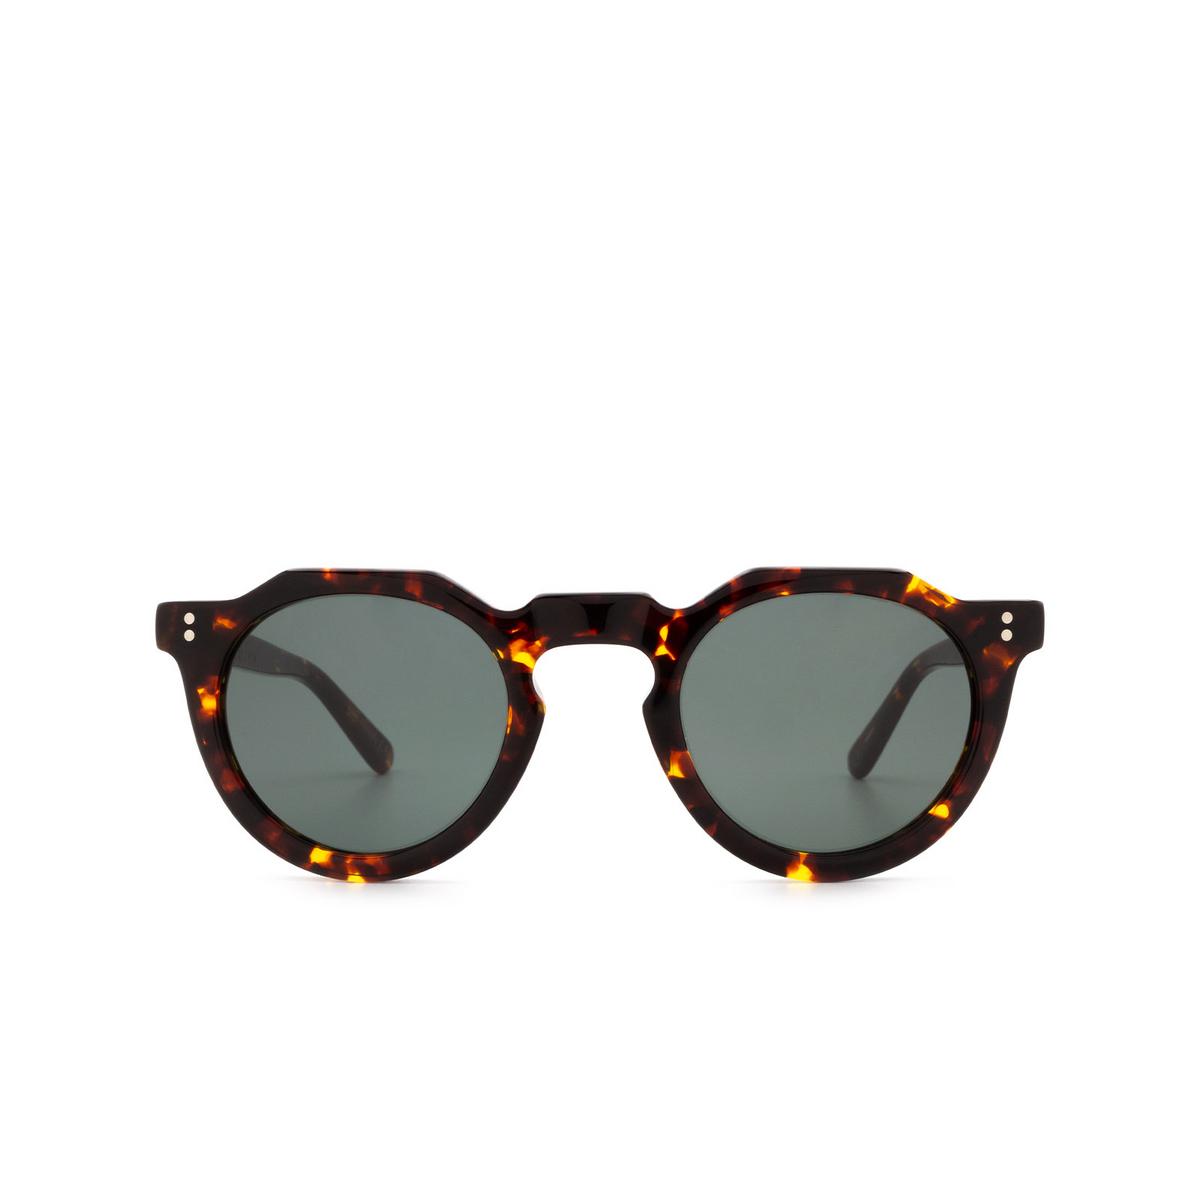 Lesca® Irregular Sunglasses: Picas color Écaille Foncé 424 - front view.